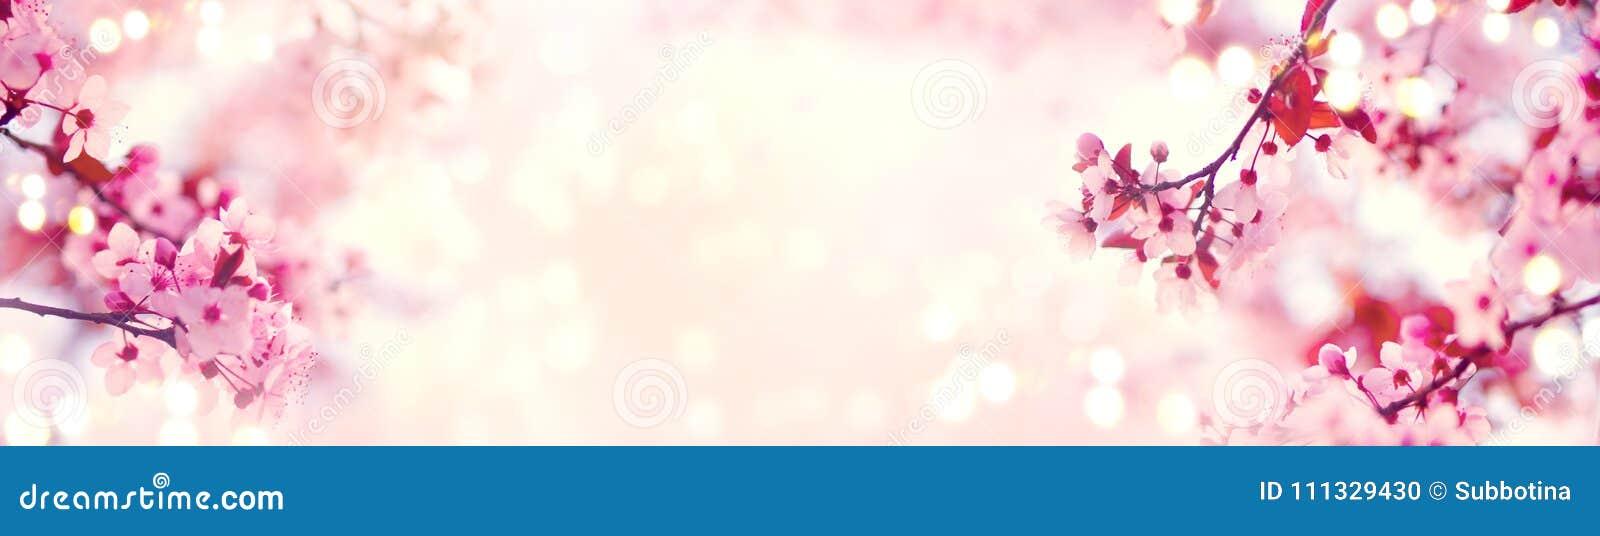 Arte de la frontera o del fondo de la primavera con el flor rosado Escena hermosa de la naturaleza con el árbol floreciente